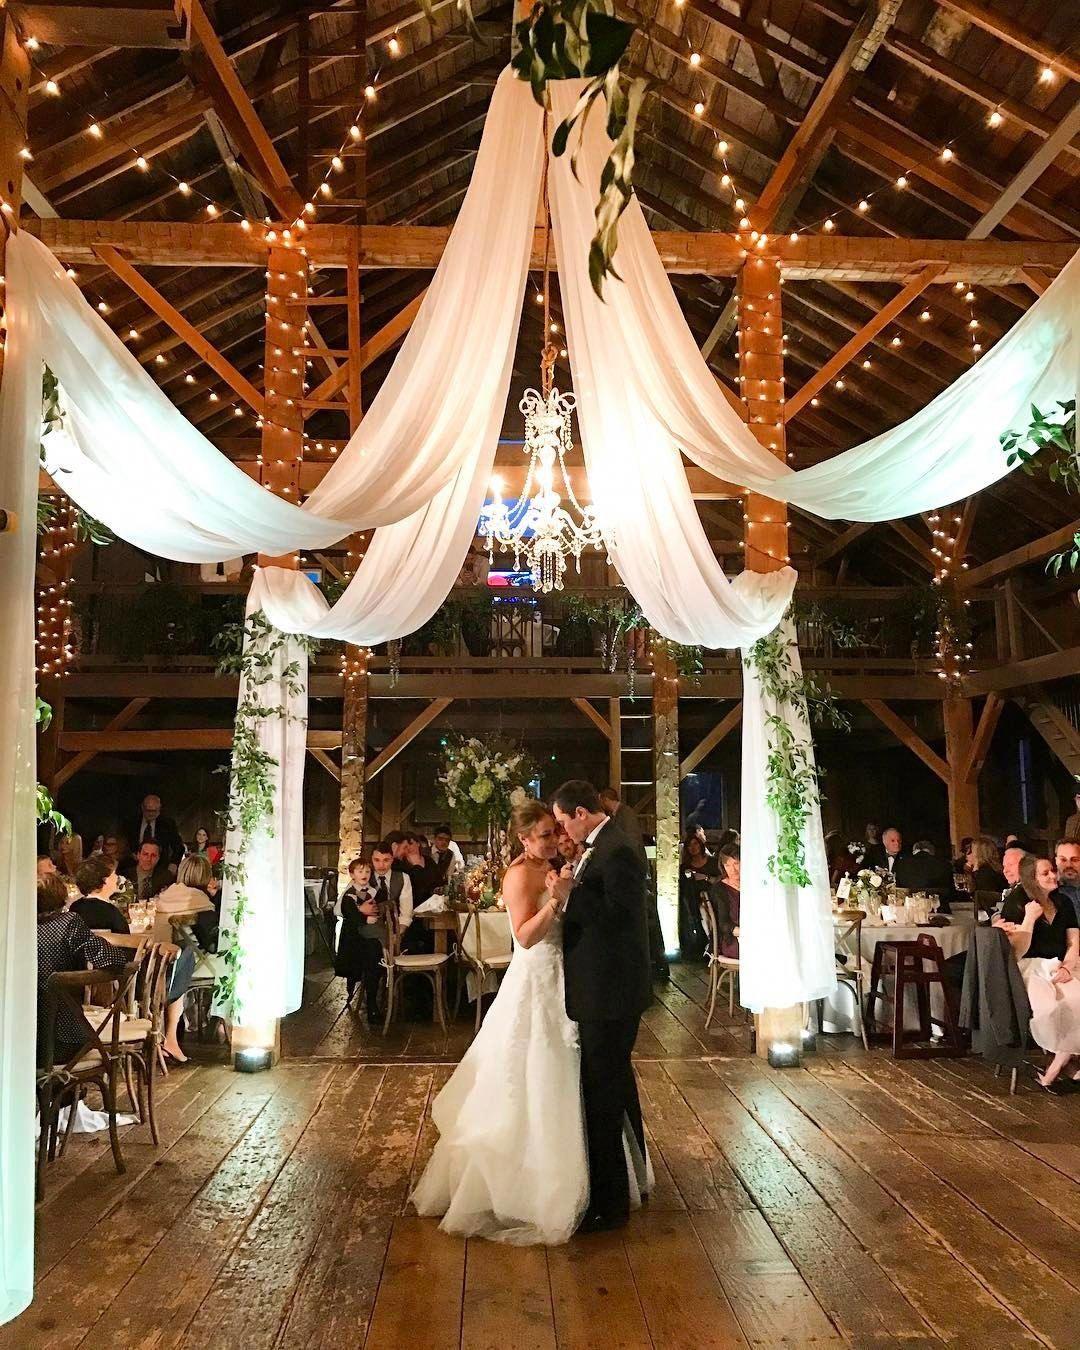 Barn Wedding Reception Decor: Obedient Visited Wedding Decor Speak To An Expert